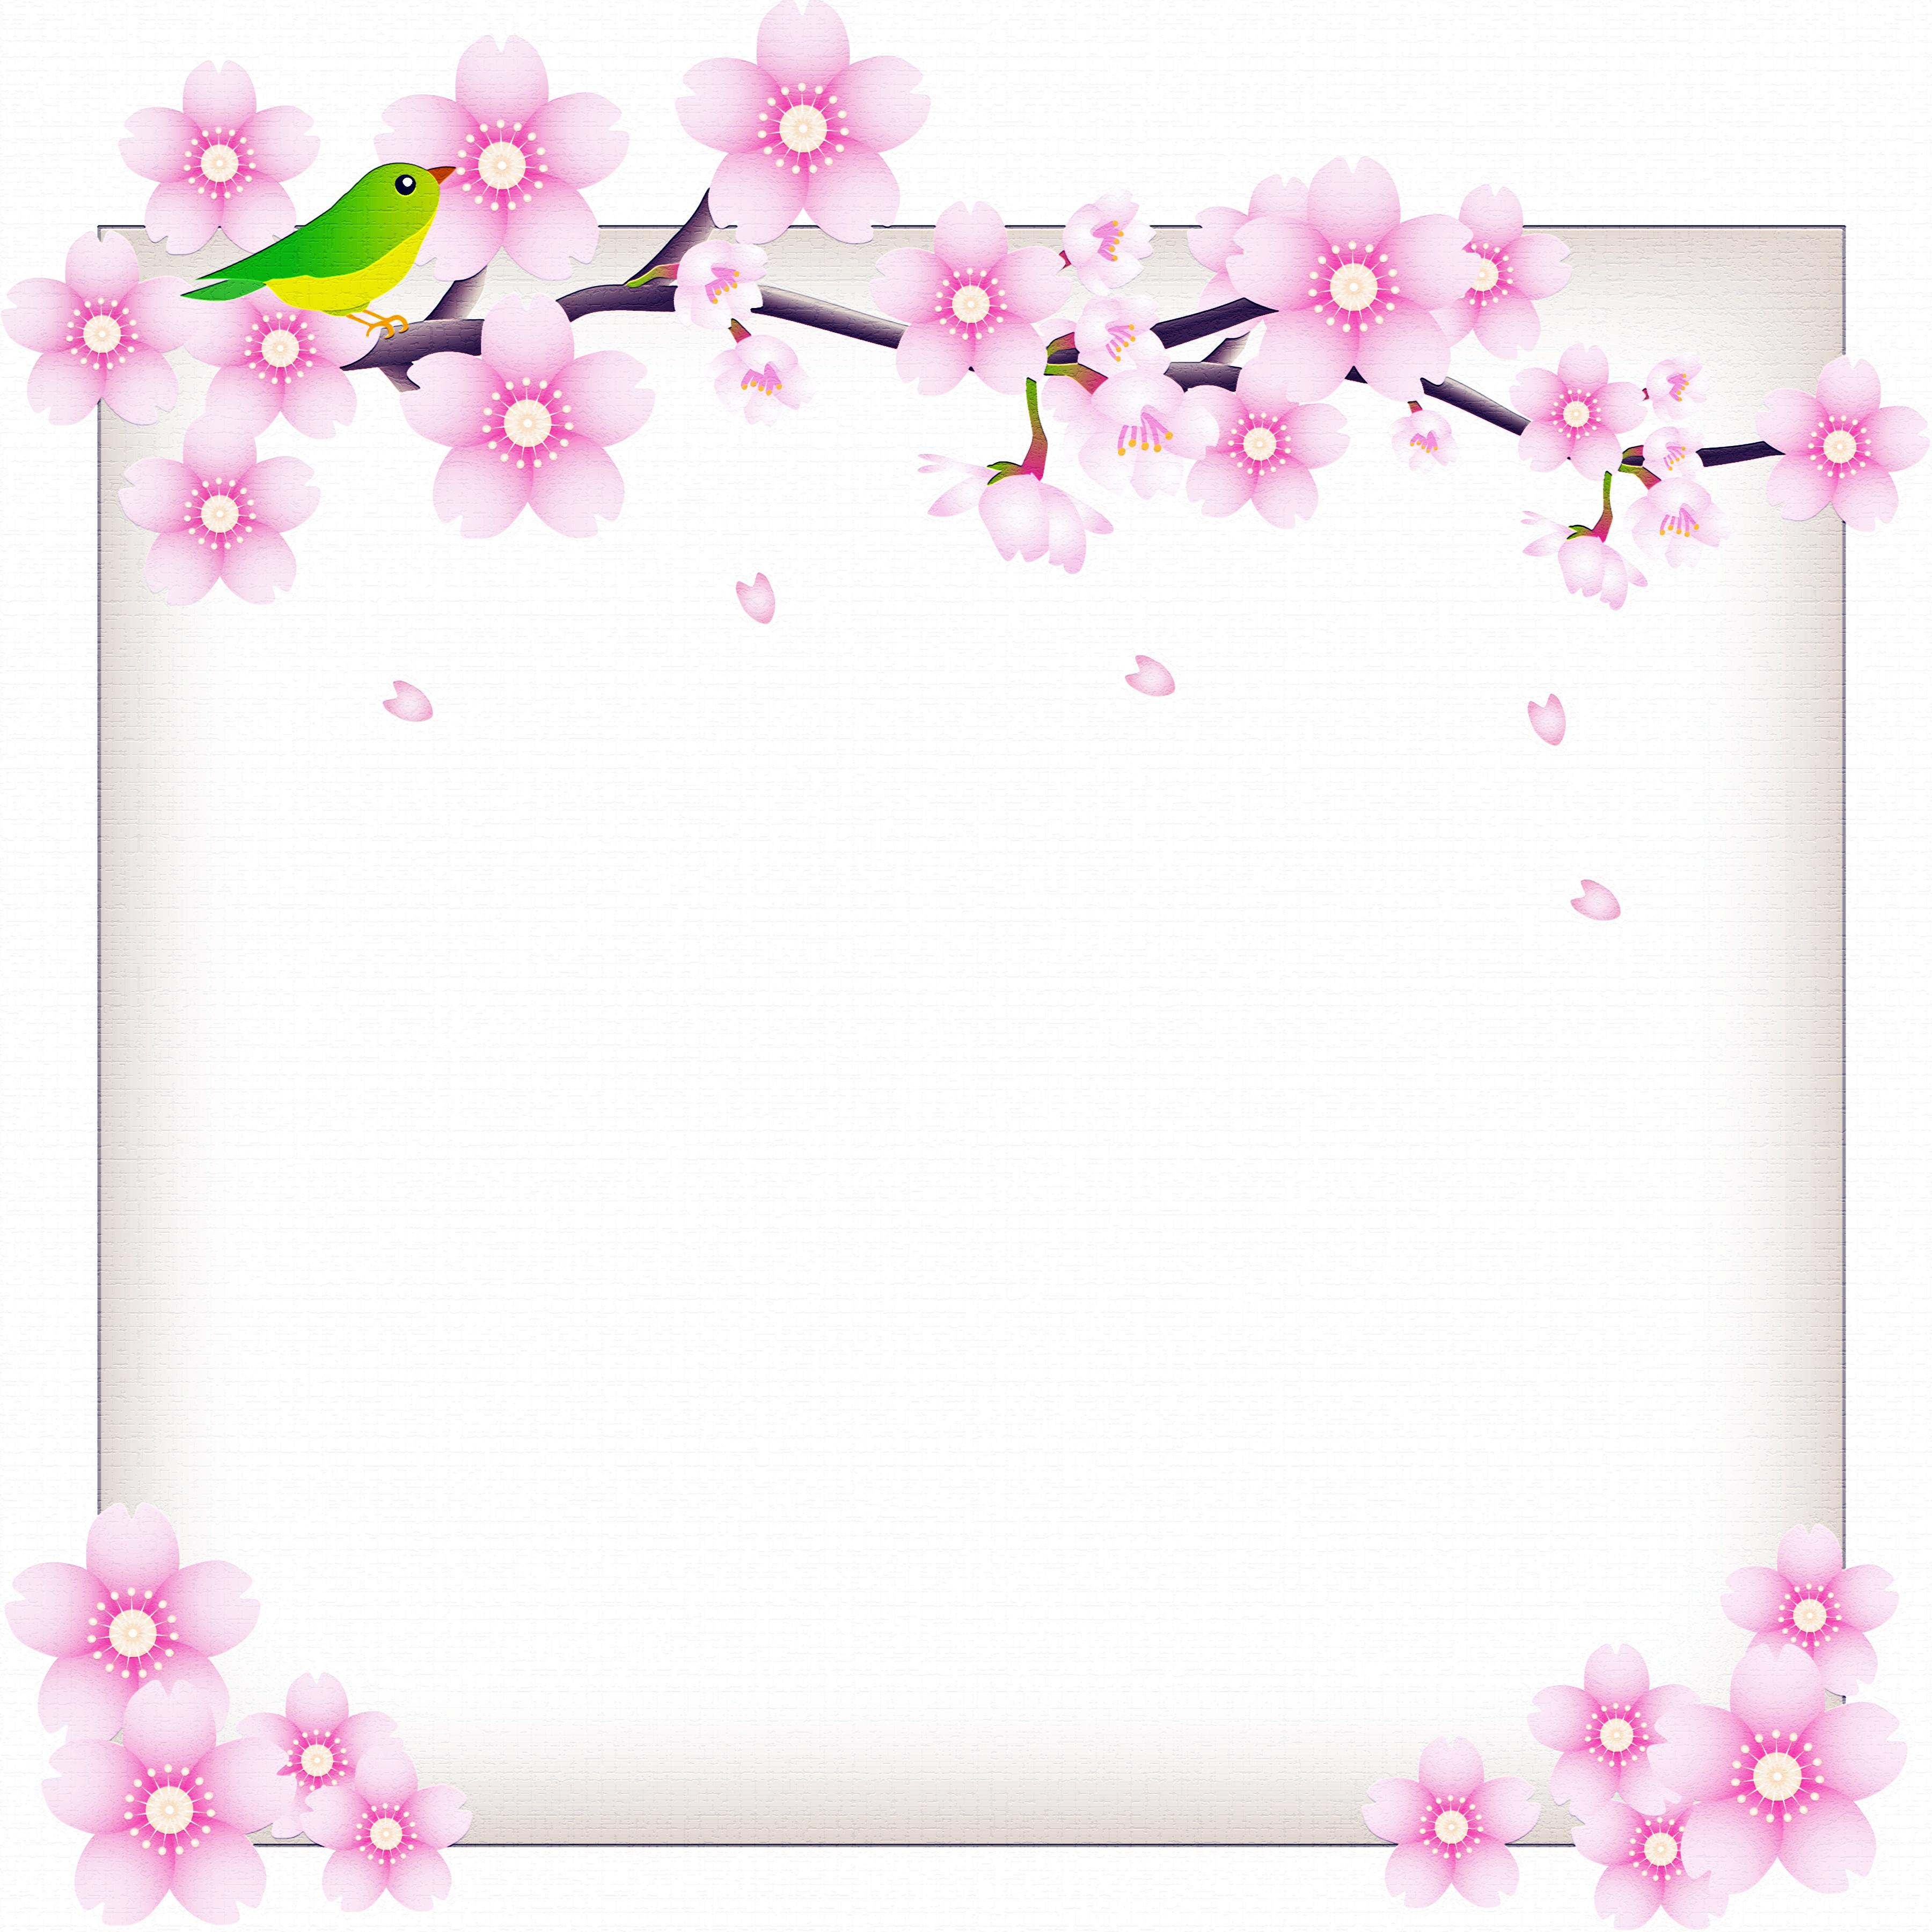 Fotos Vogel Blumen Ast Vorlage Grußkarte Blühende Bäume 3600x3600 Vögel Blüte